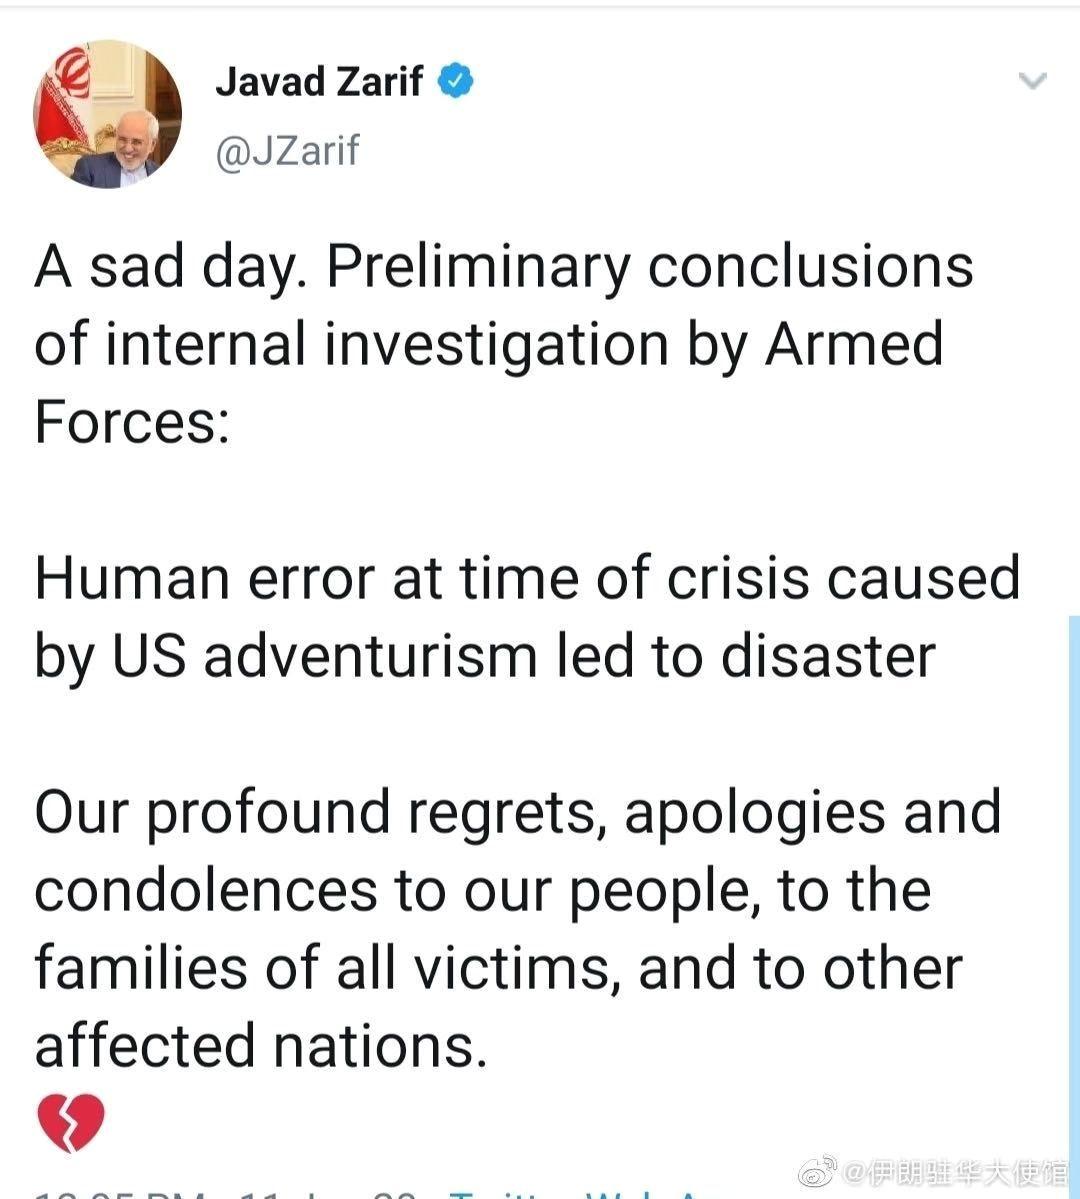 伊朗外长推特回应